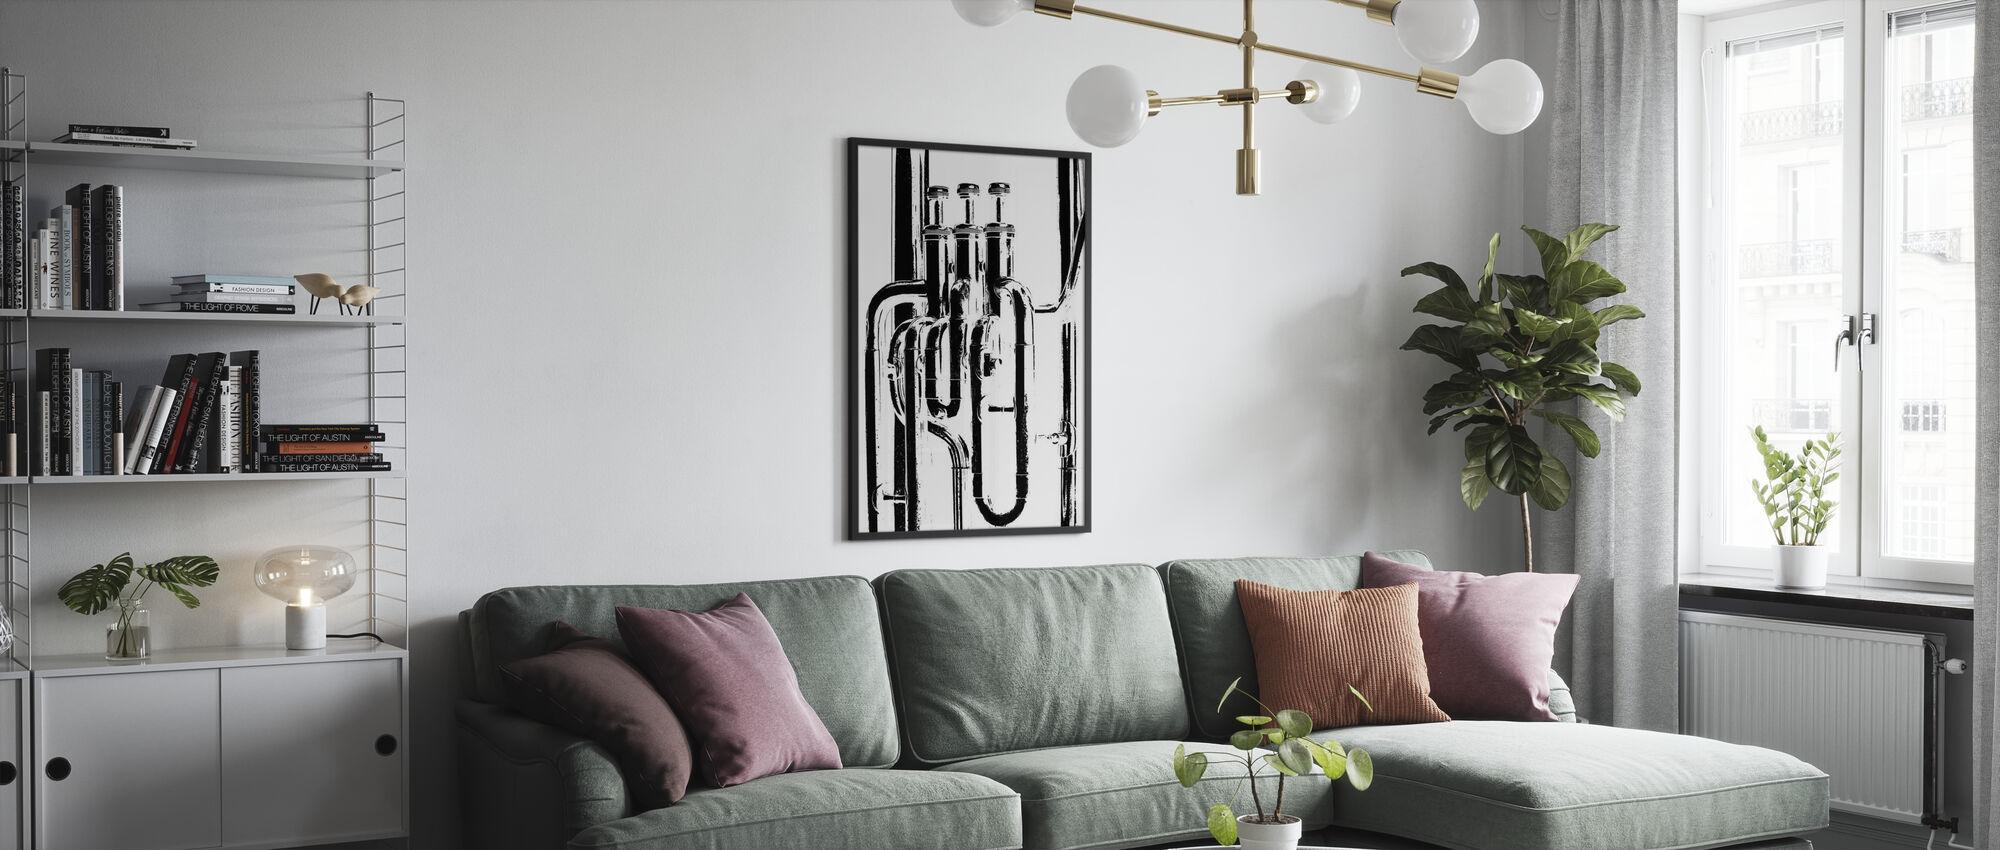 Brass Horn Graphic - Tuba - Poster - Living Room